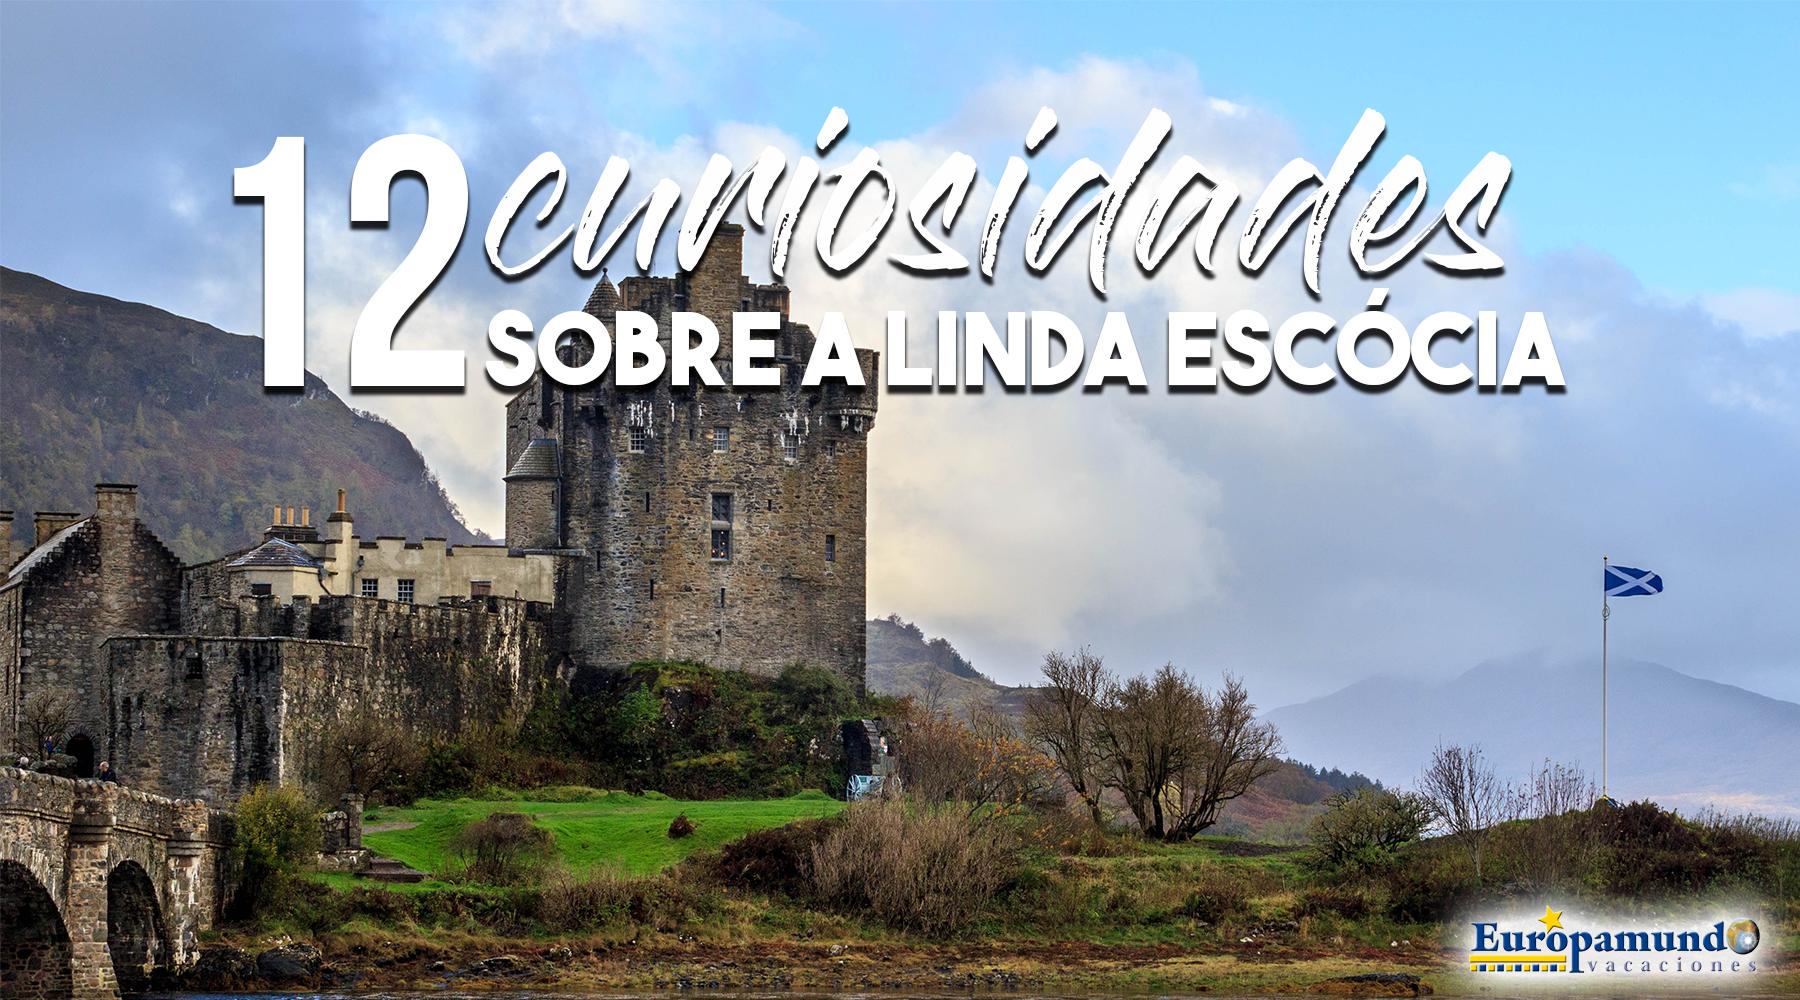 Escócia com Europamundo: 12 Curiosidades que provalmente você não sabe!